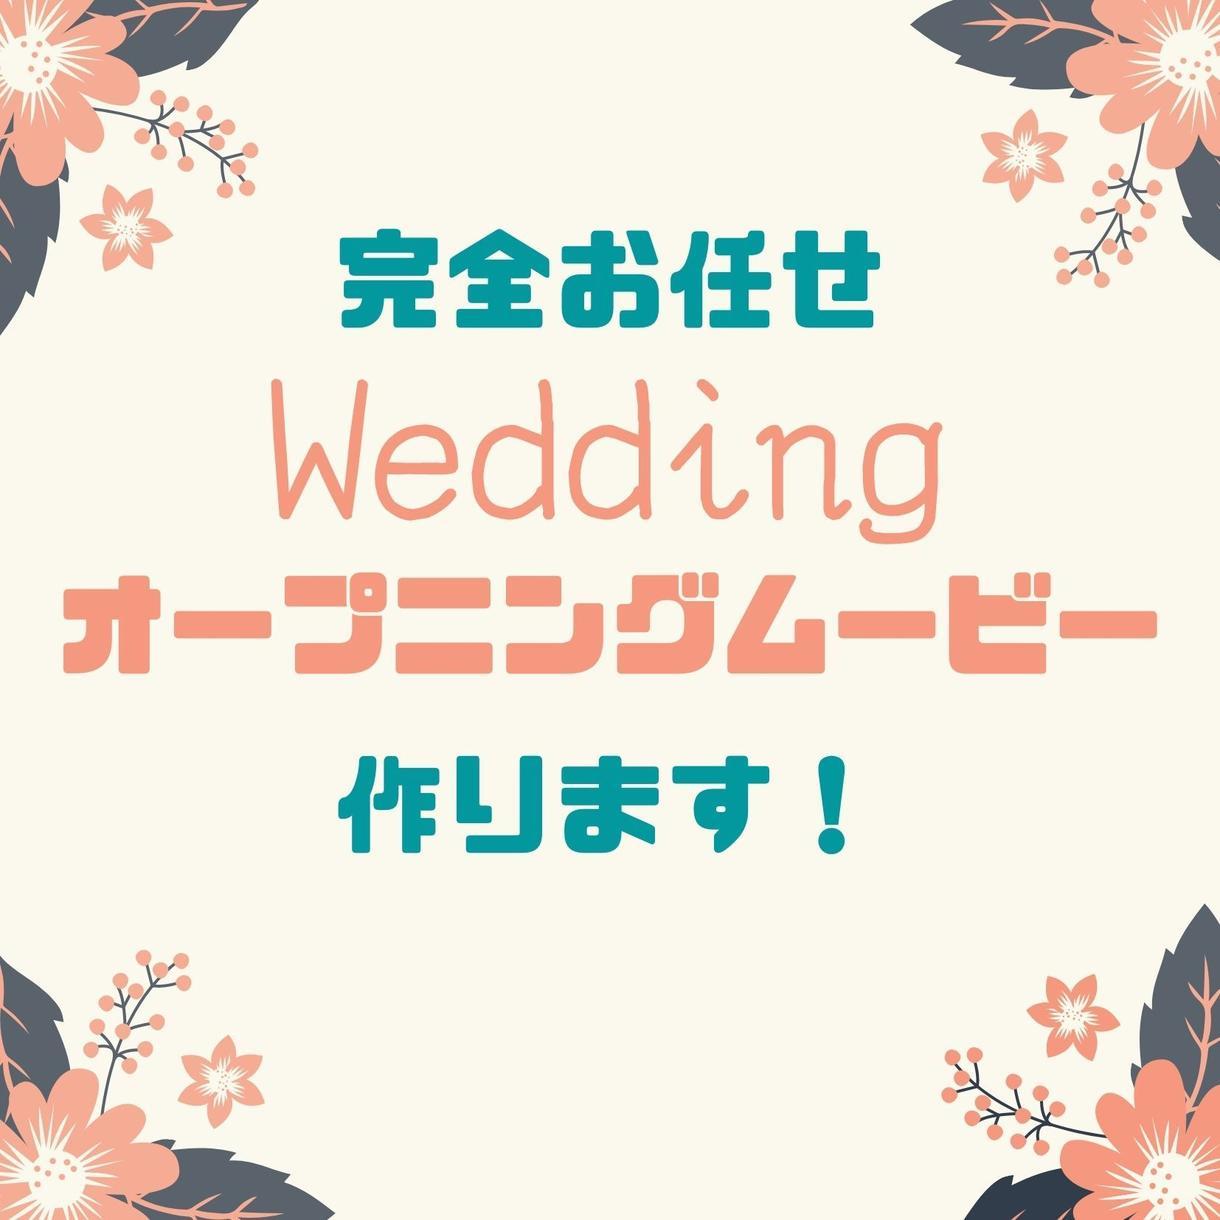 結婚式オープニングムービー作ります 完全お任せだからできるこの価格!この速さ! イメージ1